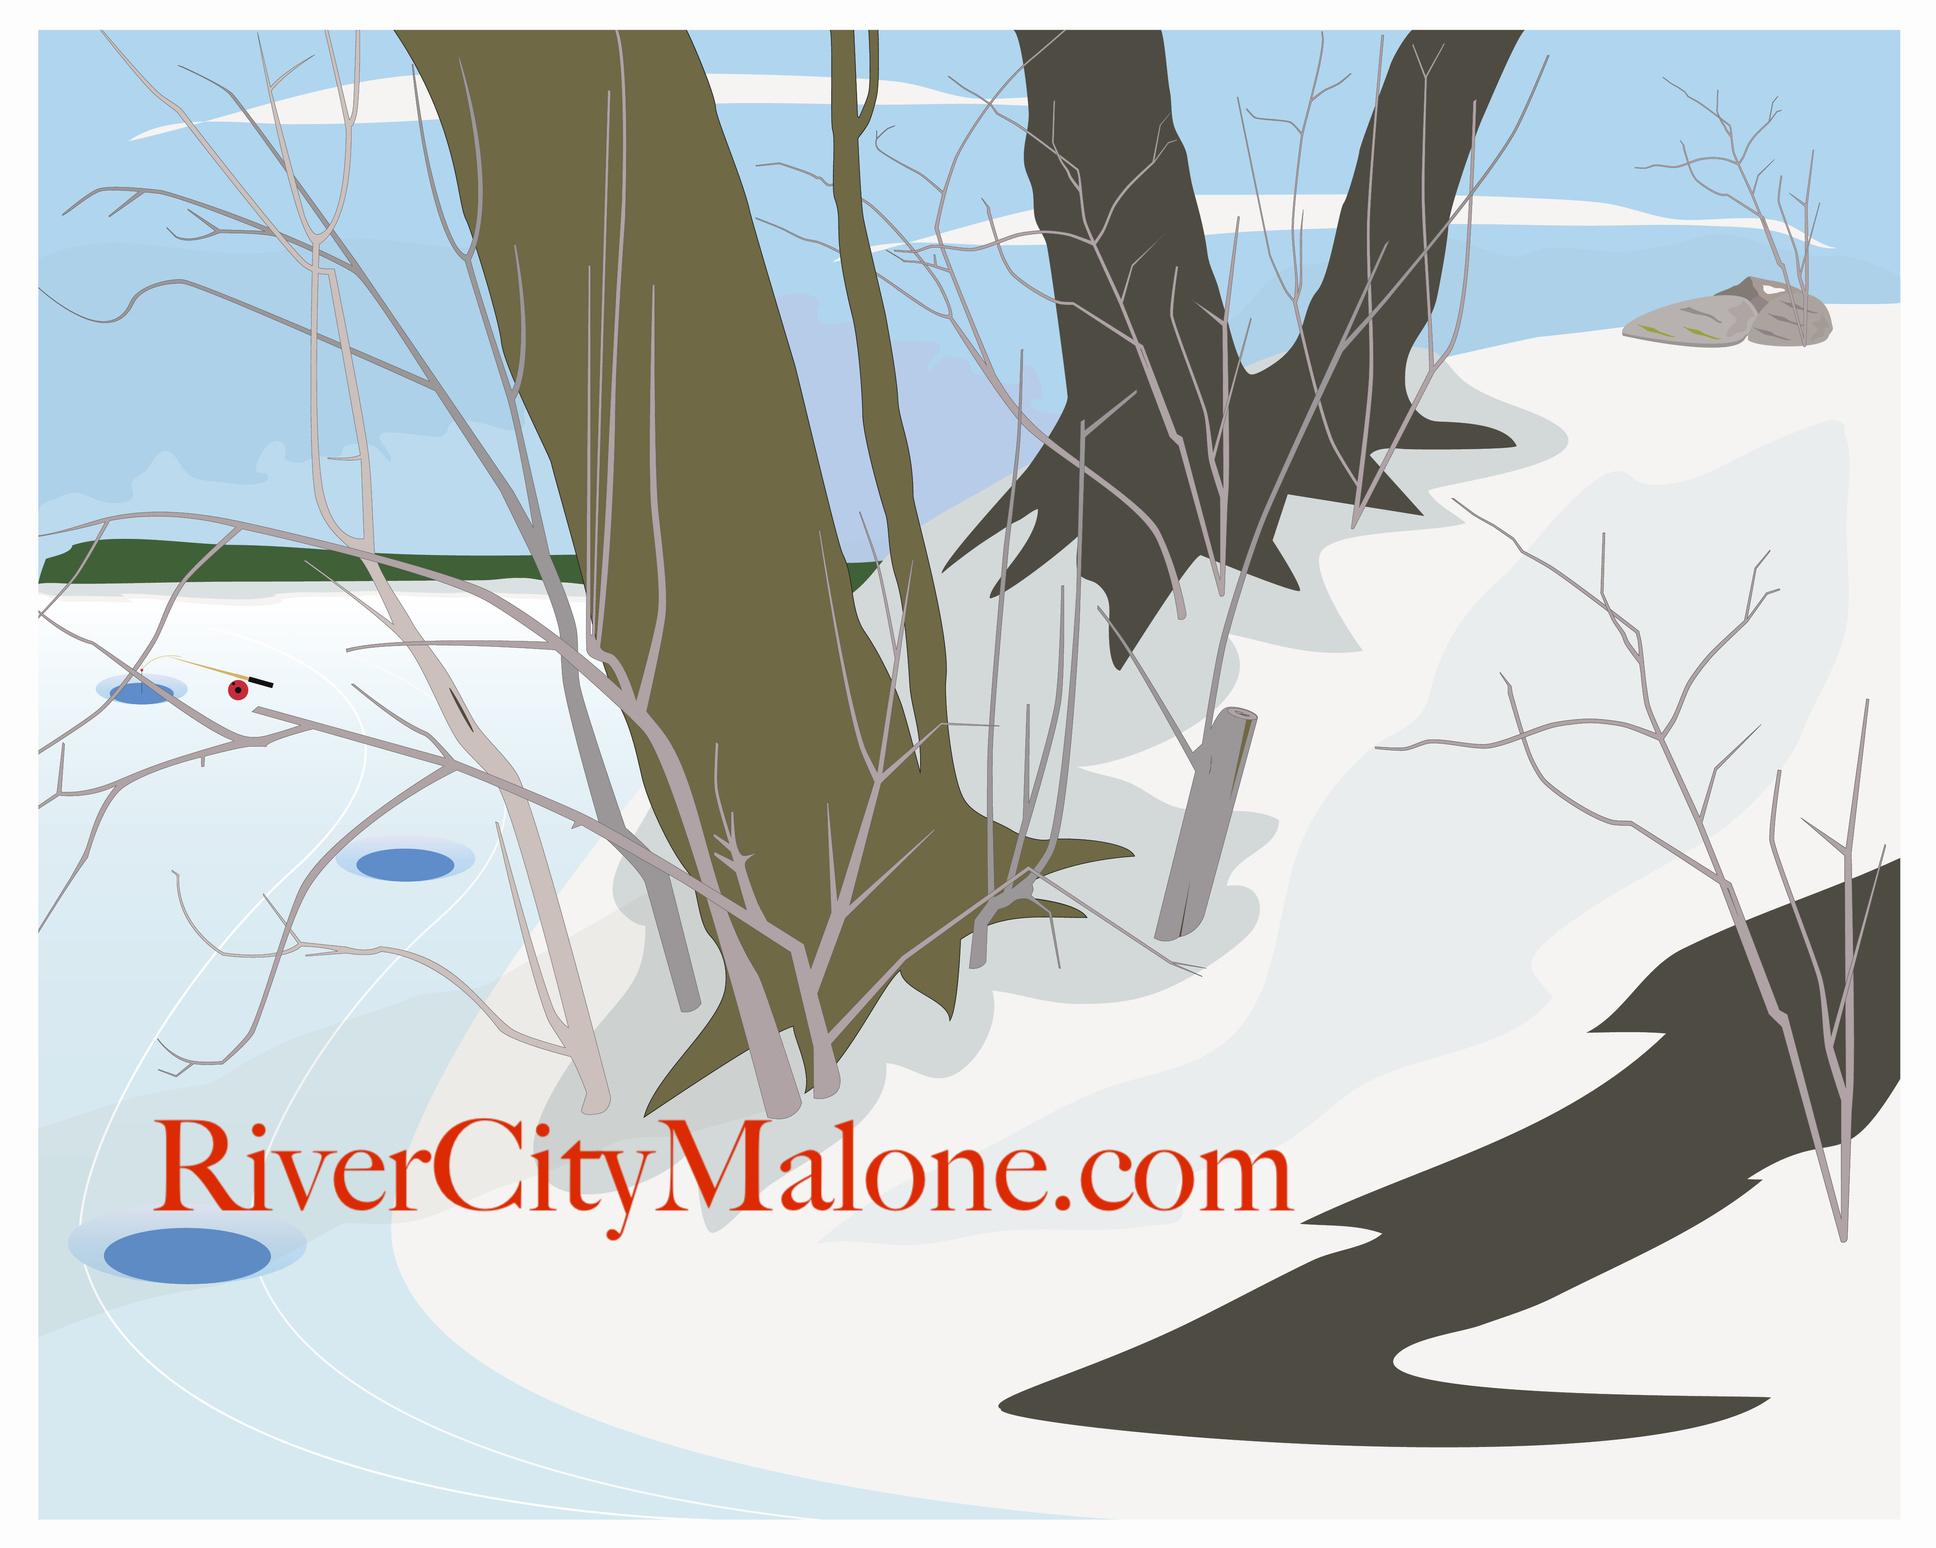 RiverCityMalone